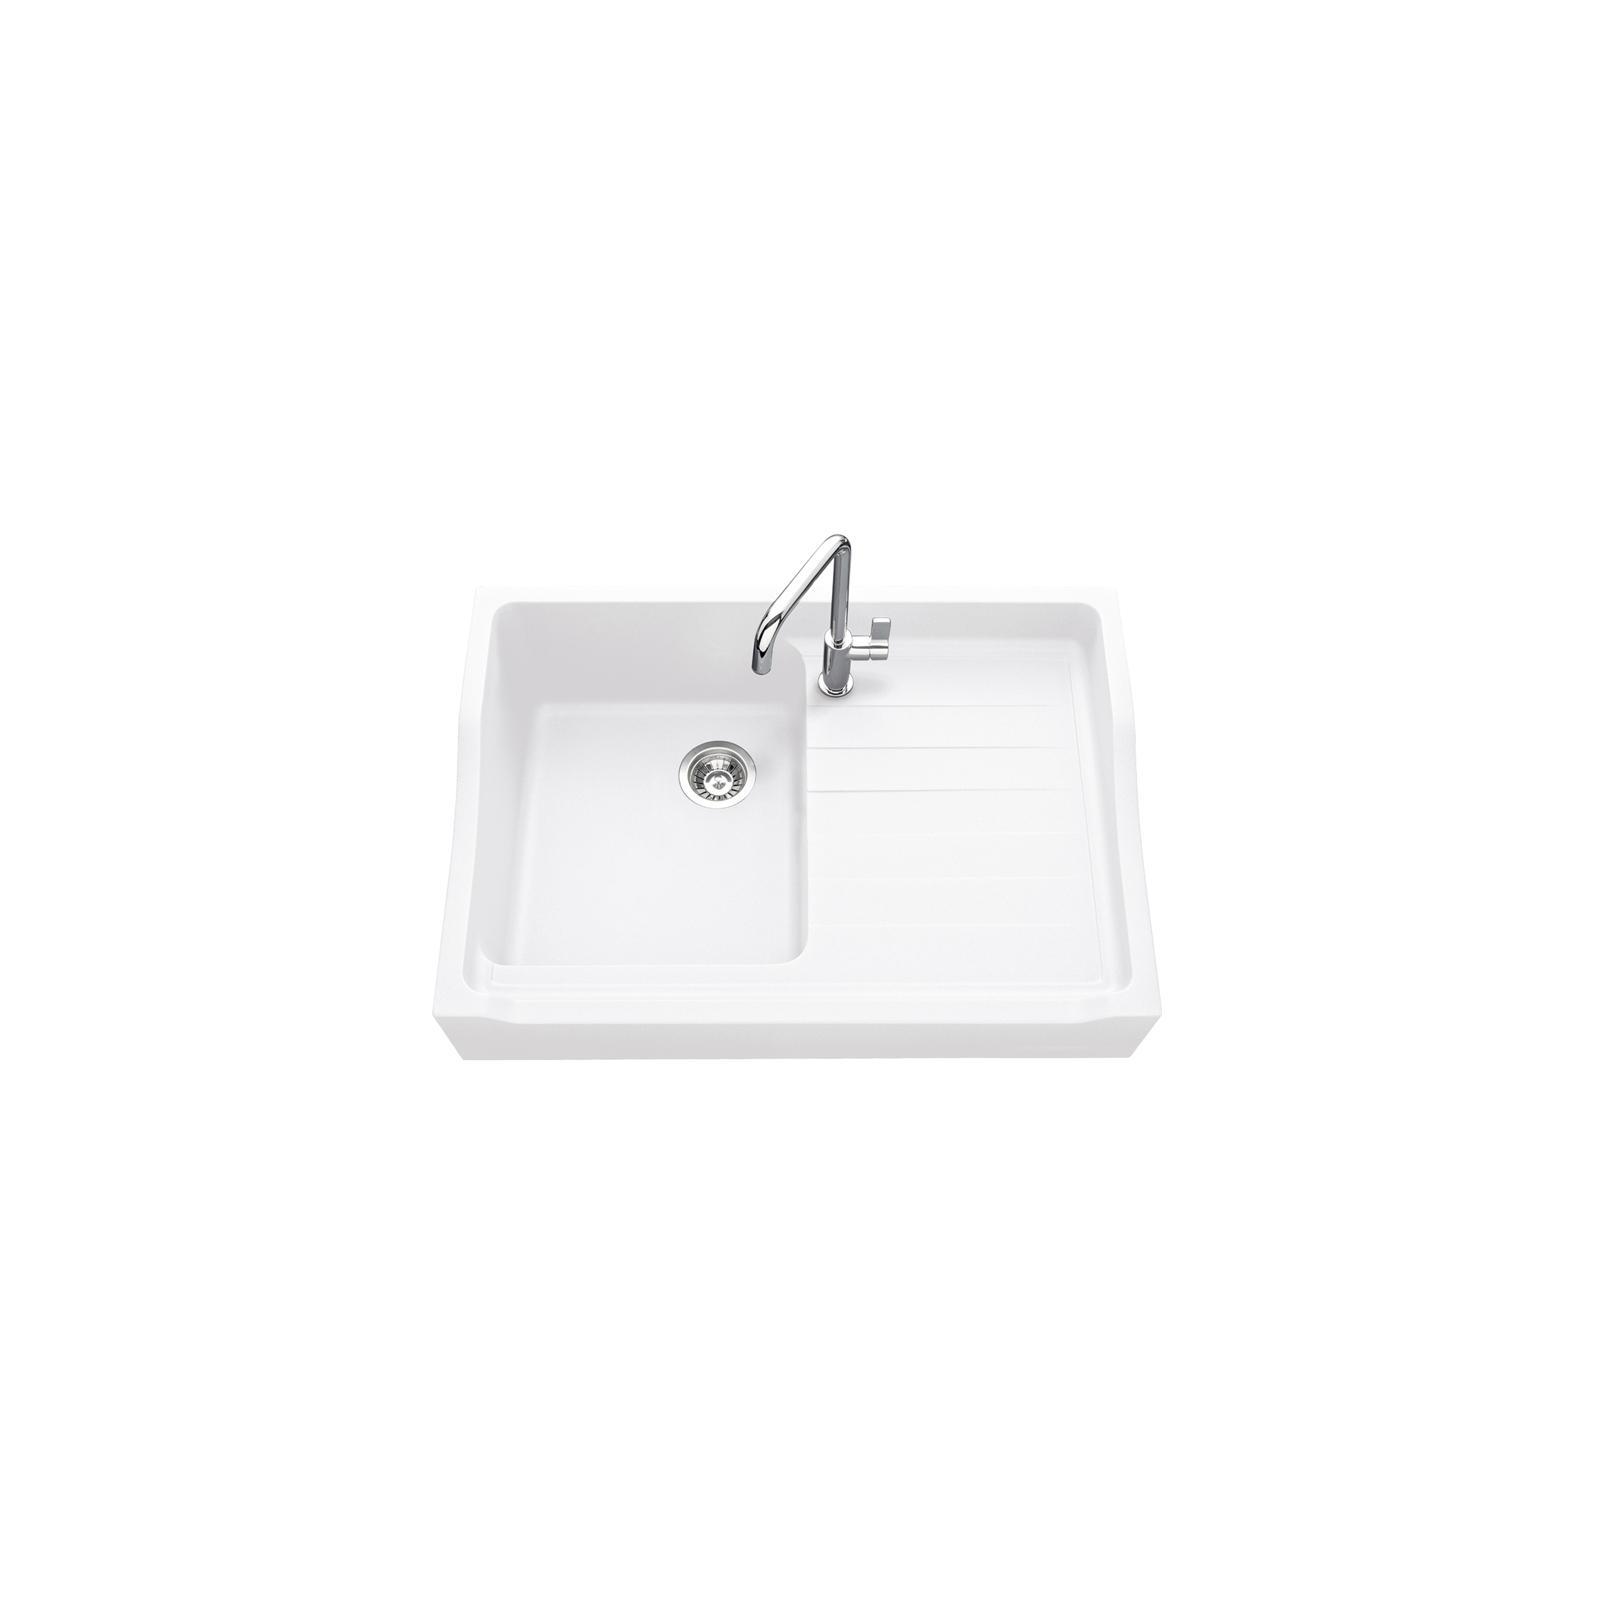 High-quality sink François 1er granit white - one bowl